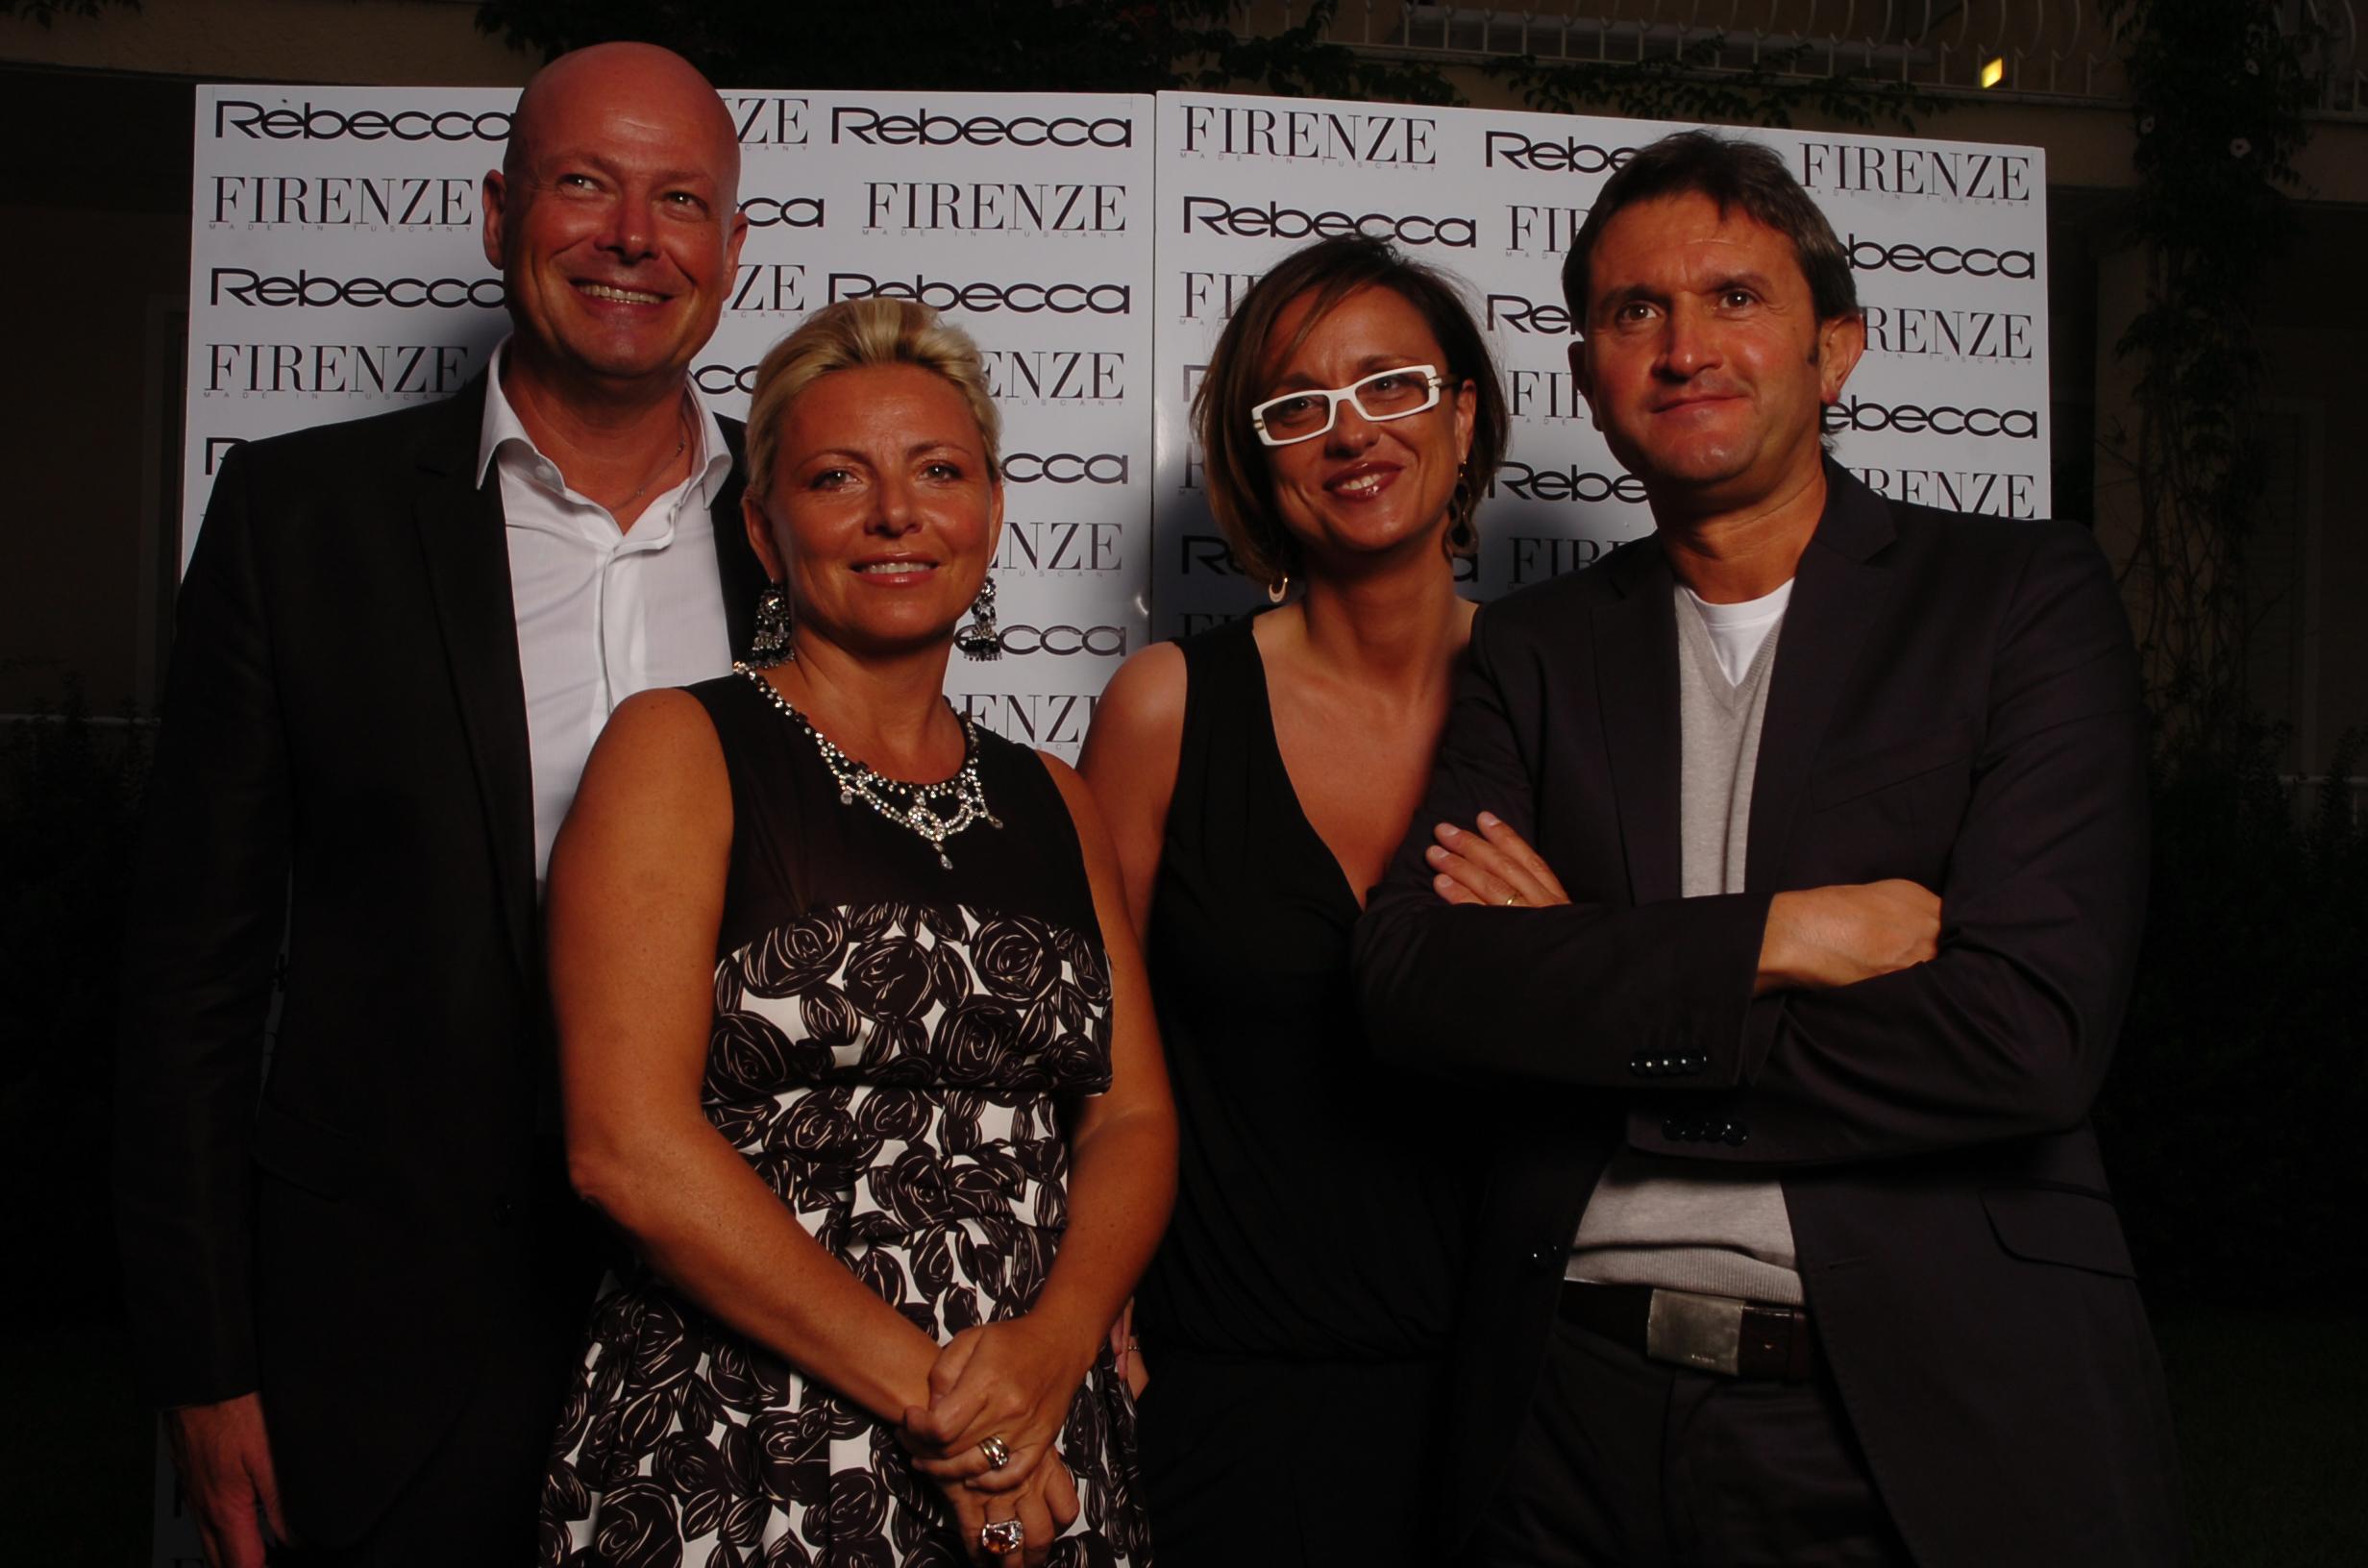 Riccardo Ciattini, Paola Gallarà, Martina e Lorenzo Lotti